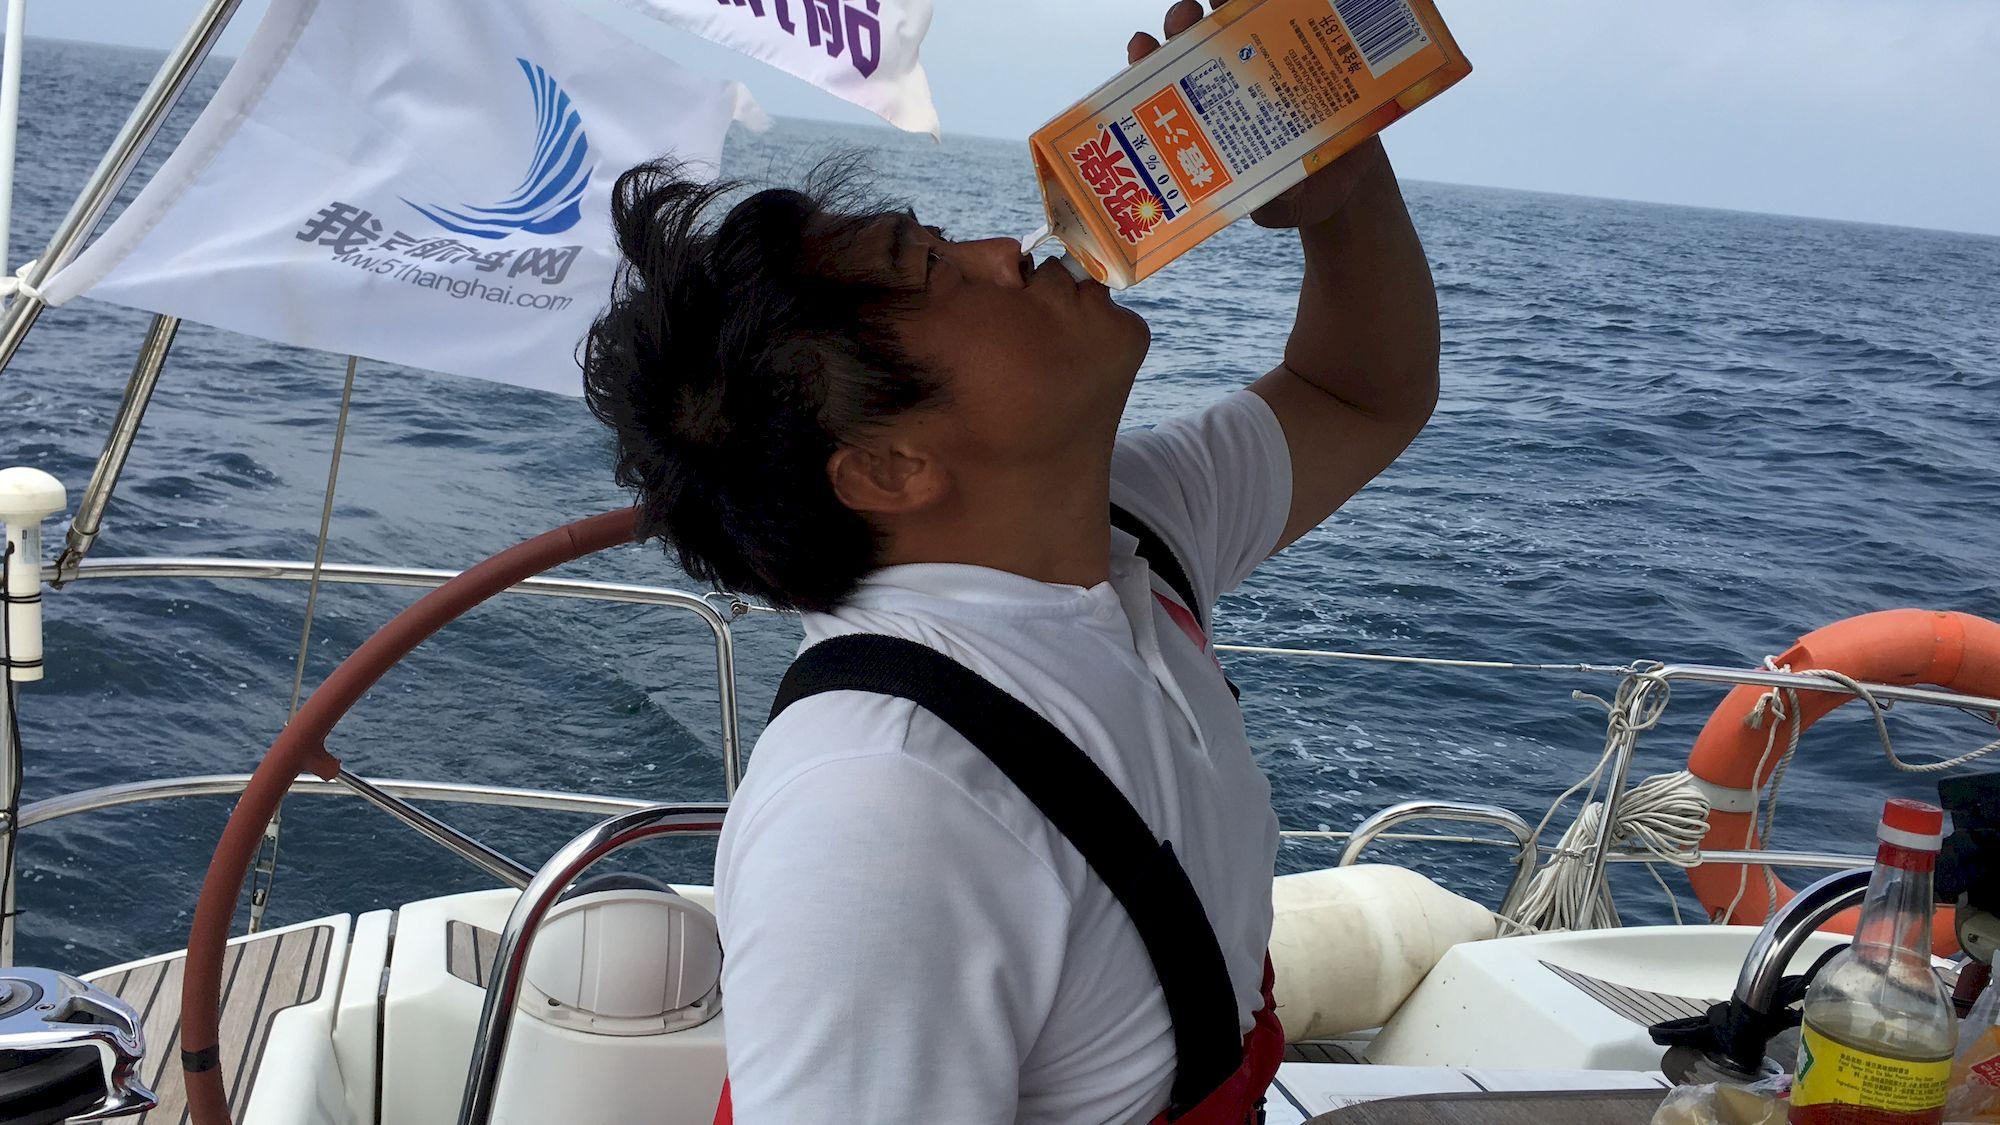 012g-IMG_3038_千帆俱乐部我要航海网帆船队-2016威海-仁川国际帆船赛.JPG